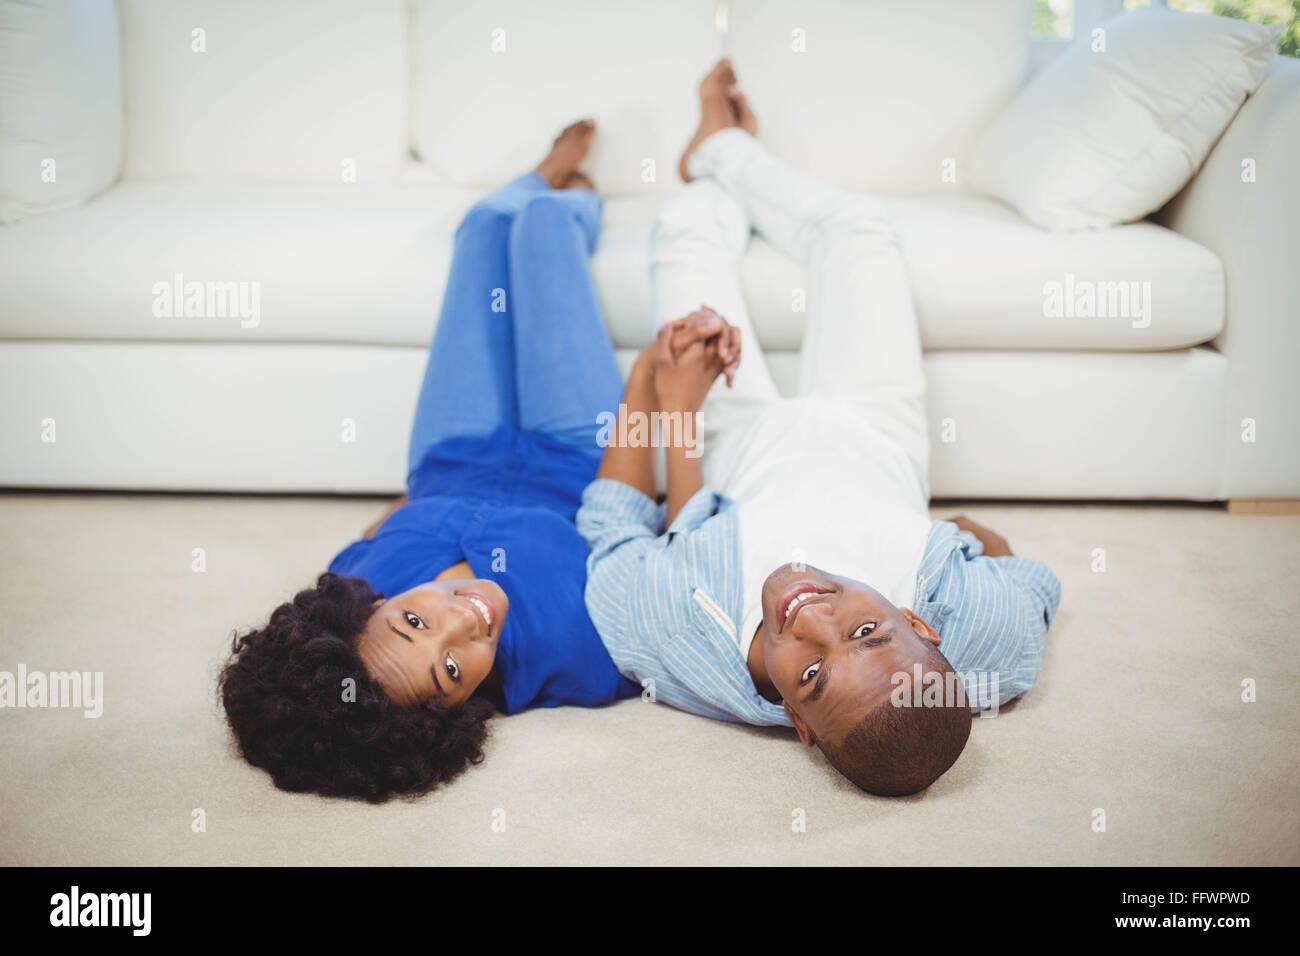 Happy couple lying on the floor - Stock Image